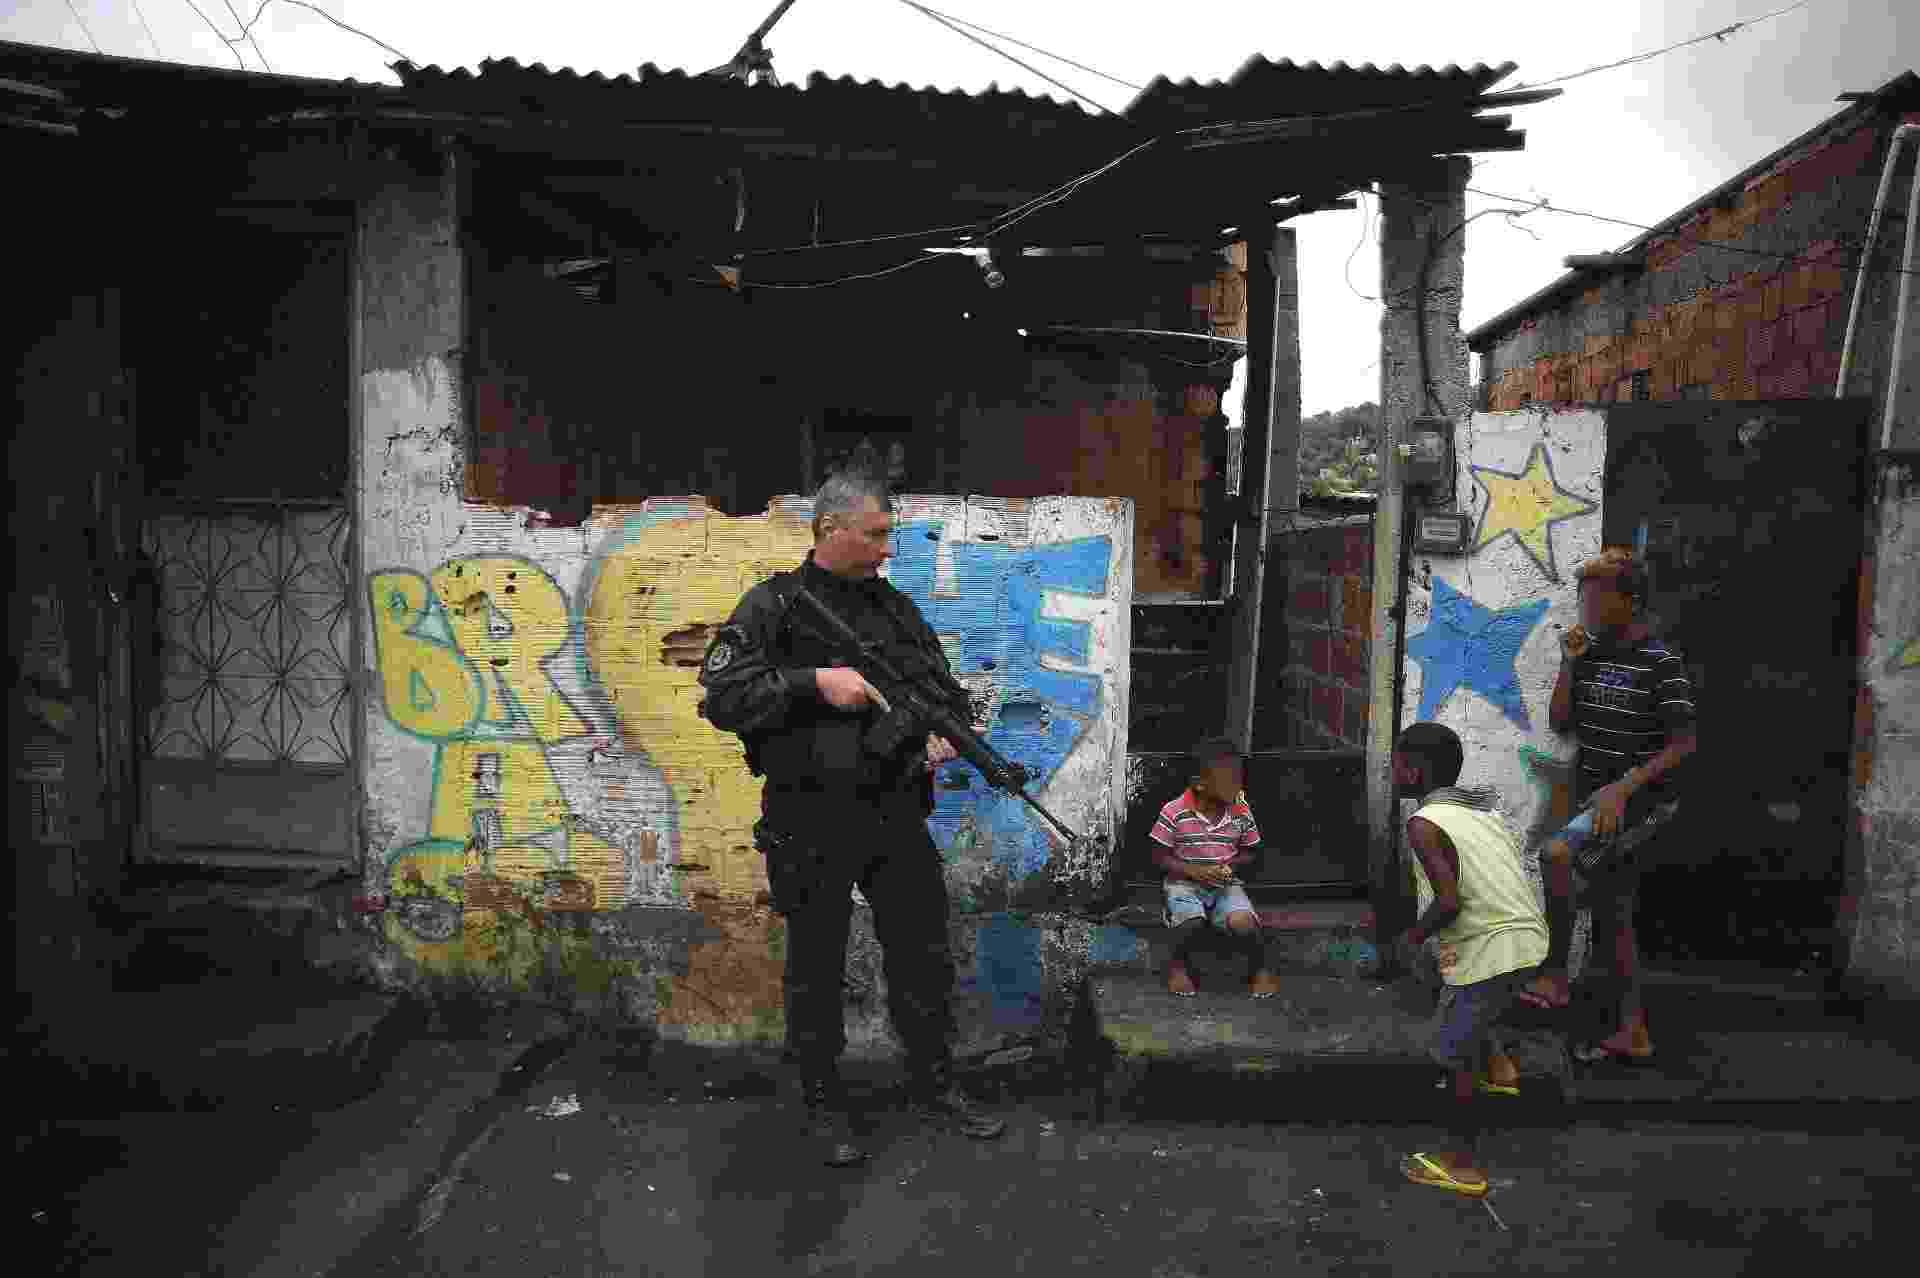 9.abr.2015 - Crianças brincam perto de policiais em rua no Complexo do Alemão, na zona norte do Rio de Janeiro. No dia 2 de abril, o menino Eduardo de Jesus Ferreira, 10, foi morto por um tiro de fuzil na porta de casa durante uma ação da Polícia Militar. A foto foi feita na quinta-feira (9) - Fábio Teixeira/UOL